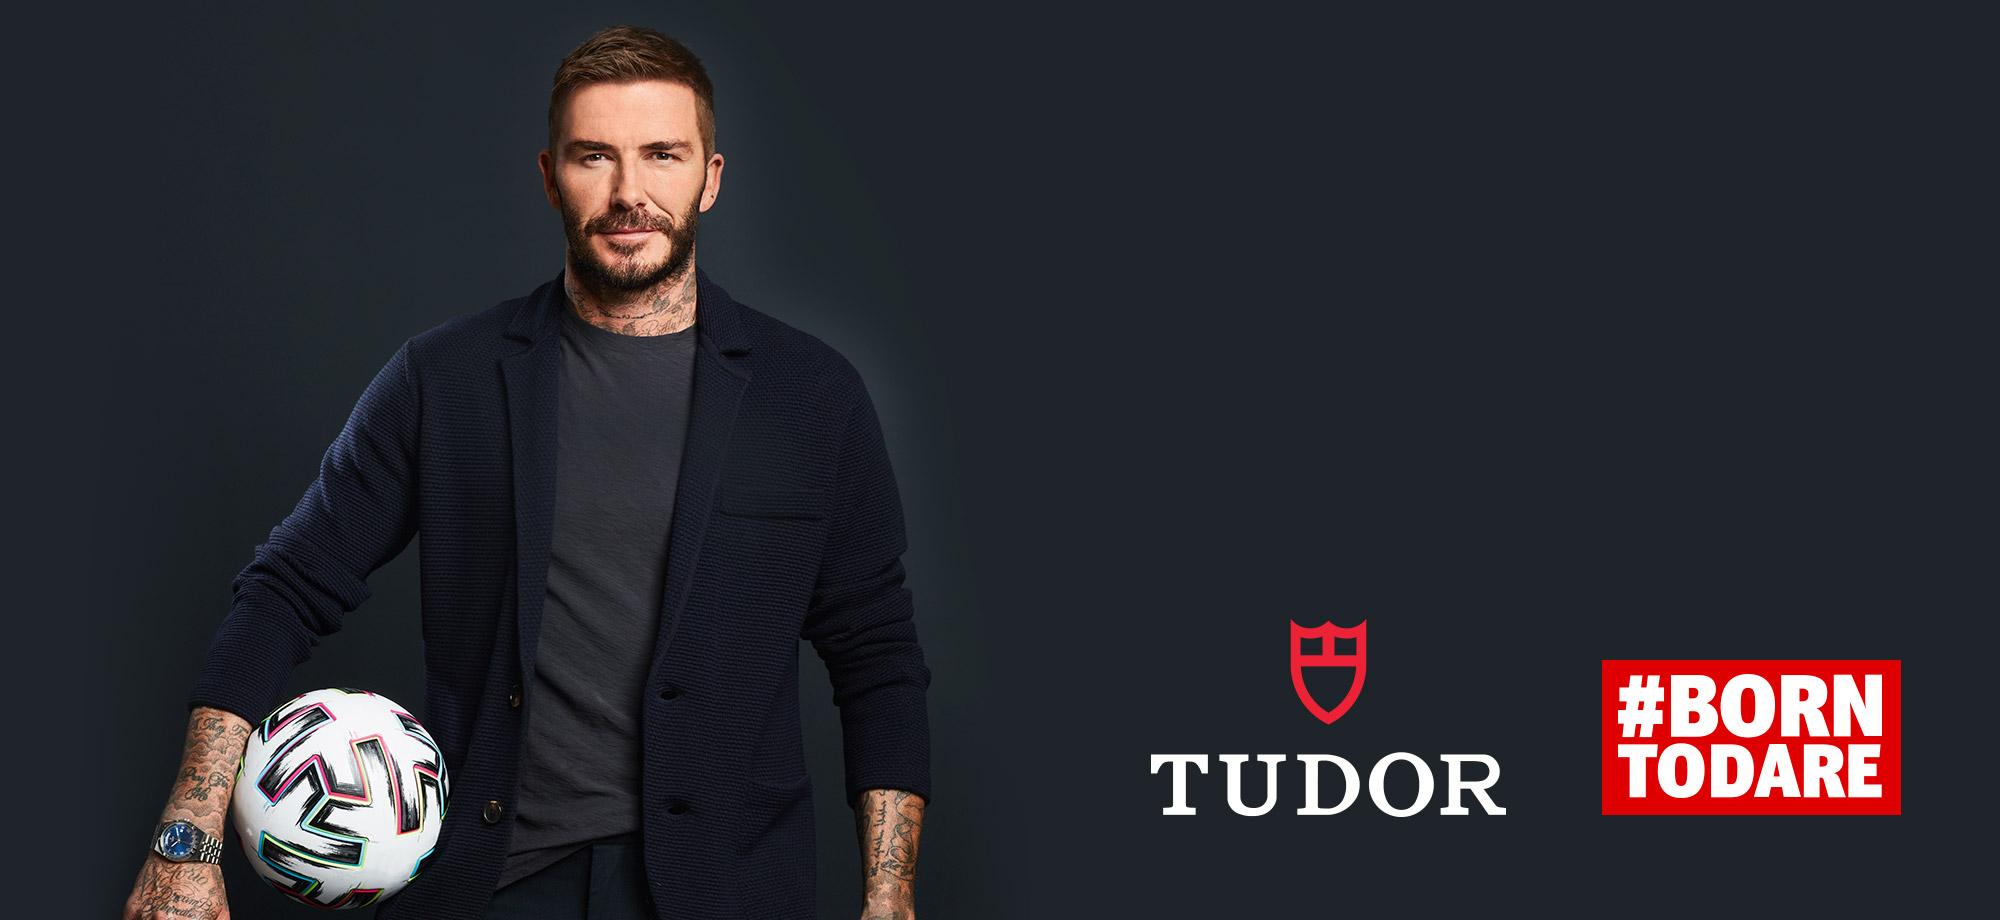 Tudor Collection